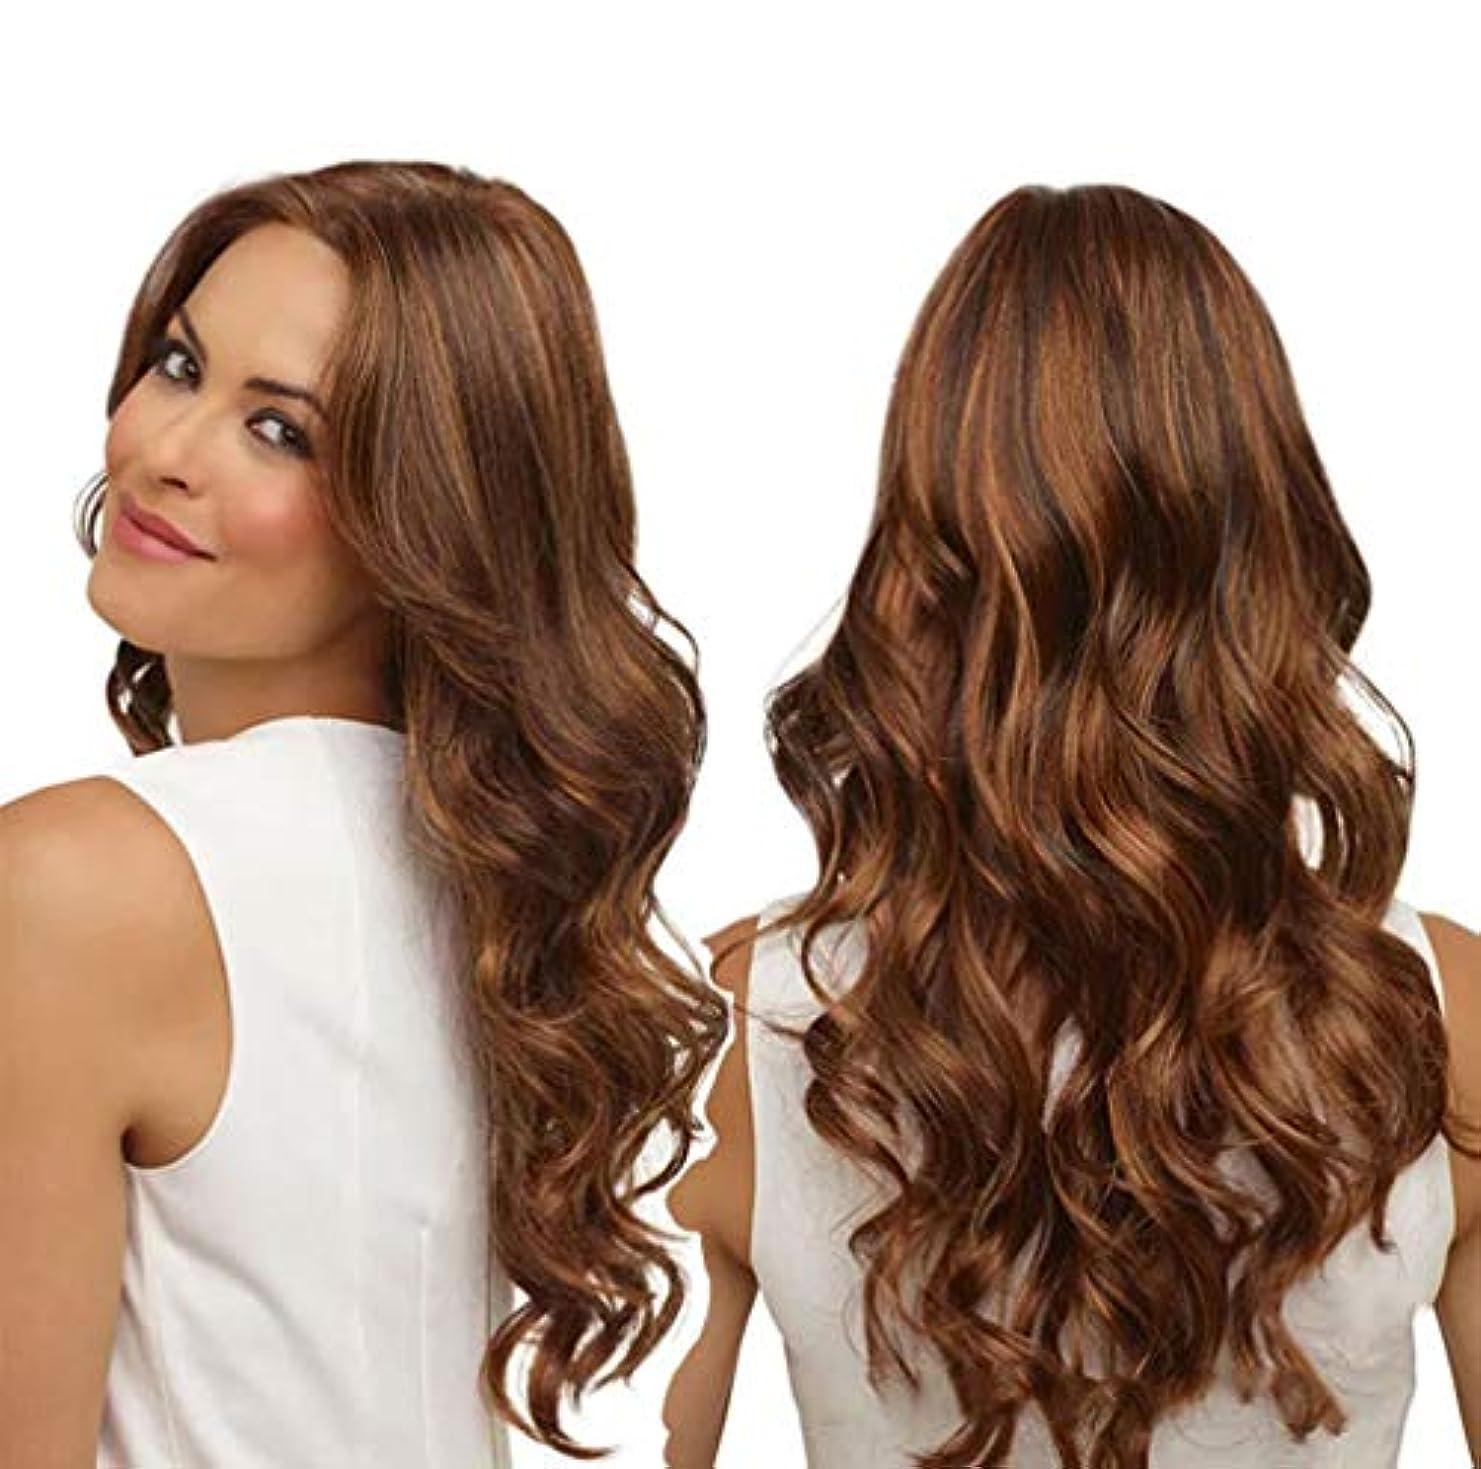 保守的組立リマーク女性かつら150%密度耐熱合成繊維人毛水波かつらベビー髪かつら65センチ